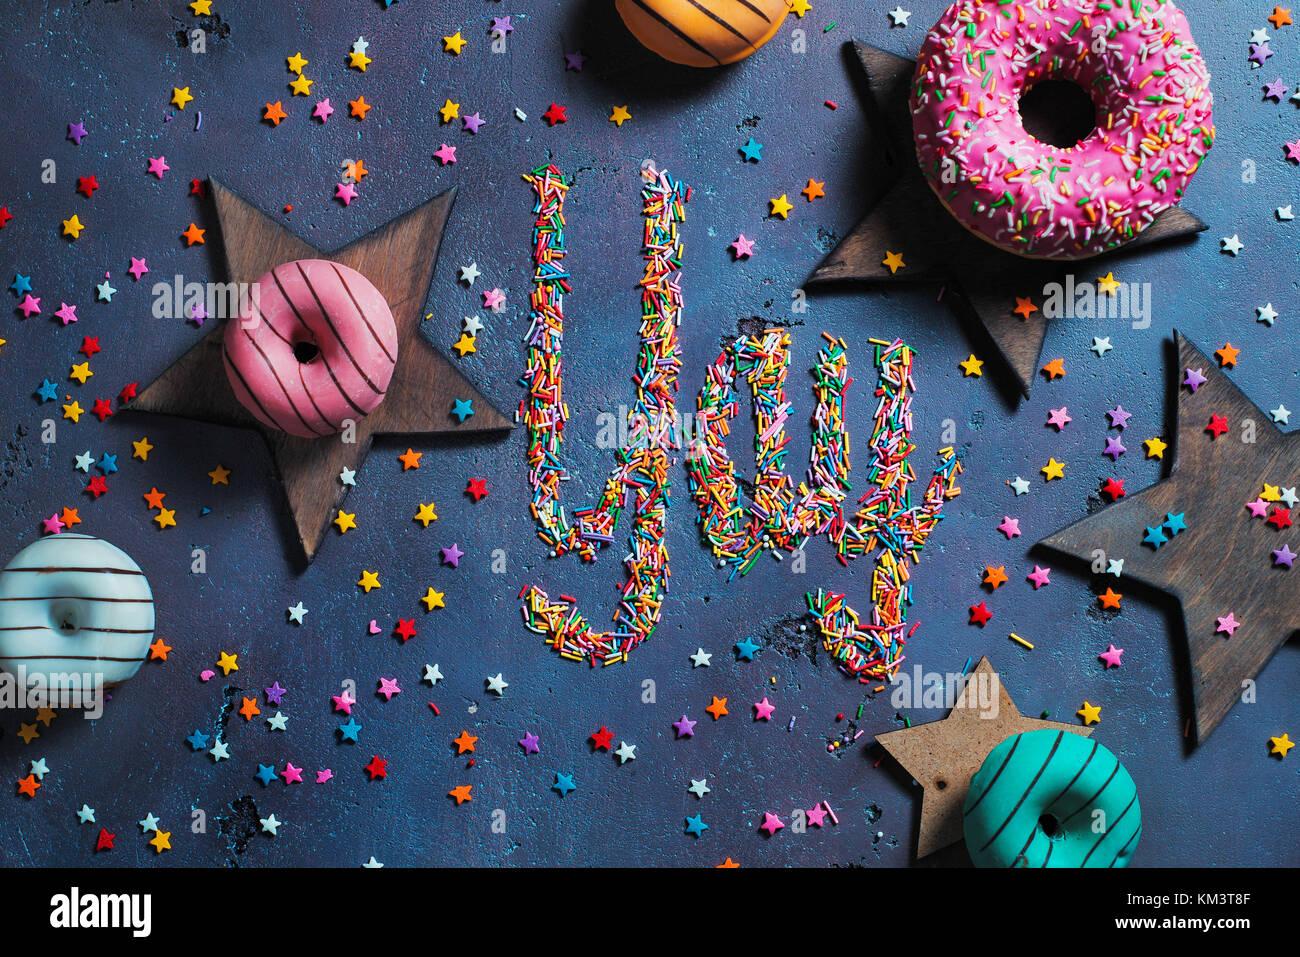 Esclamazione Yay scritto con spruzza su una pietra sfondo con ciambelle e stelle. Parte il concetto di preparazione. Immagini Stock